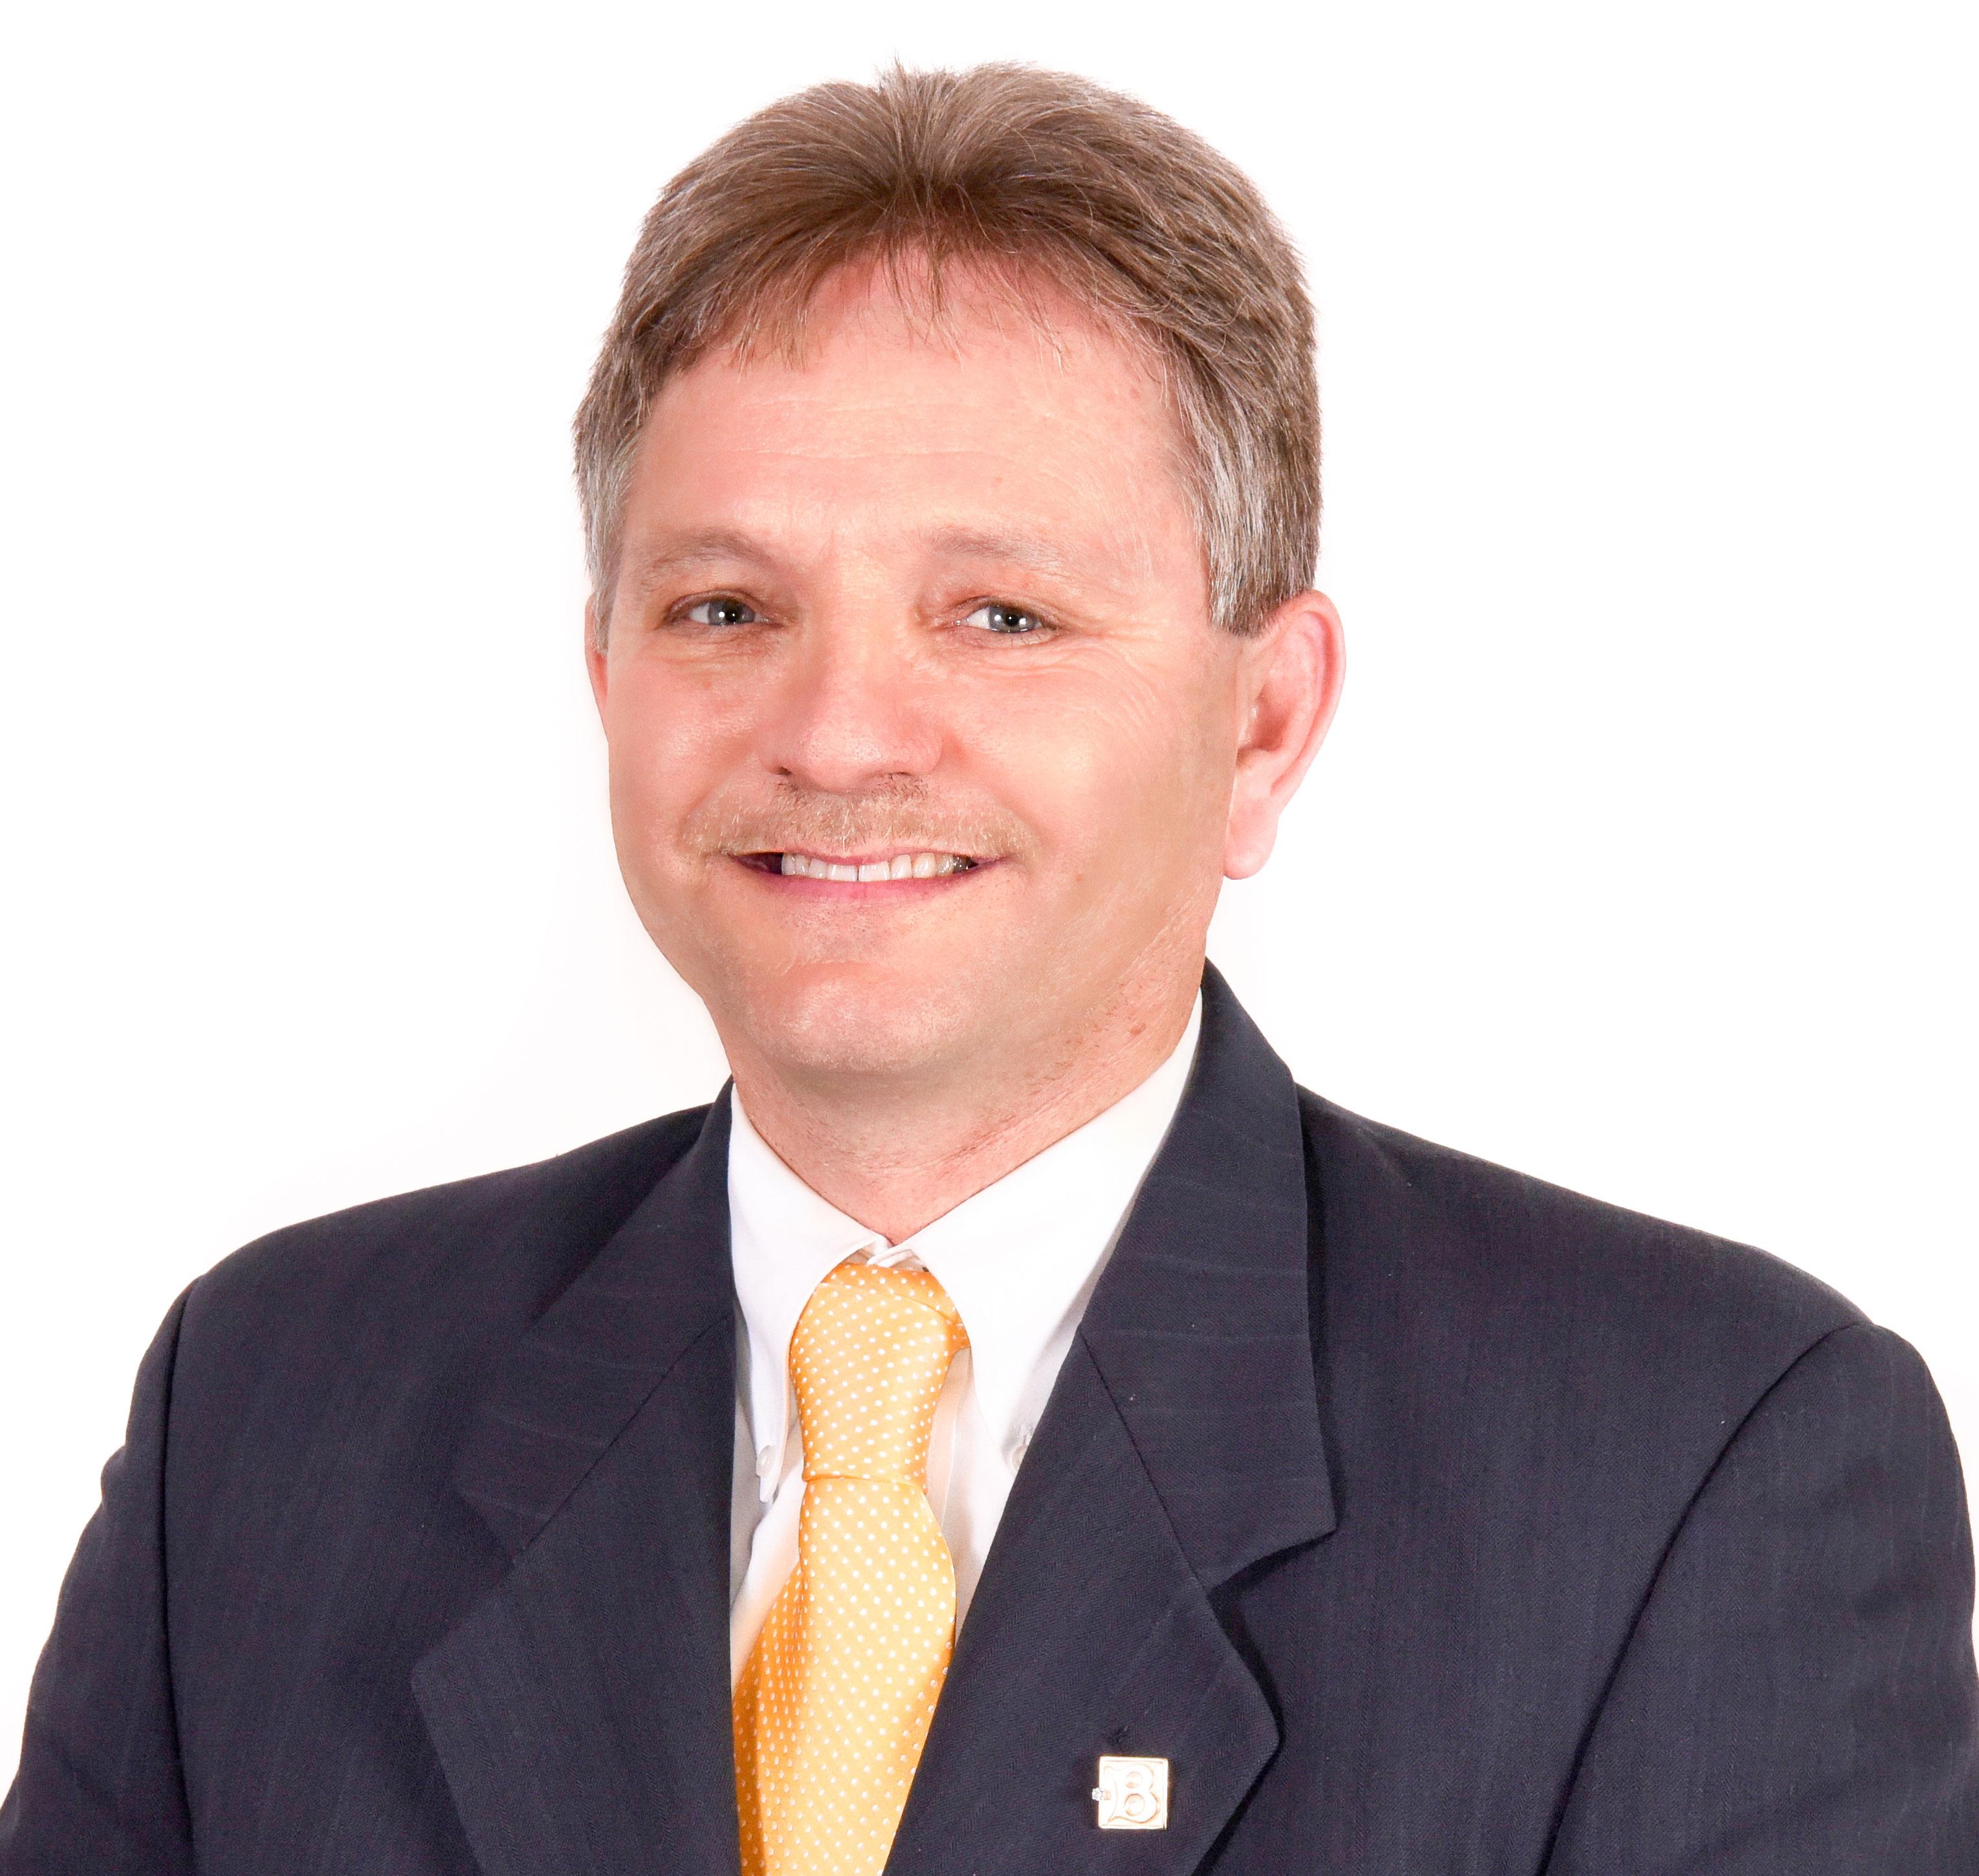 Greg Fuller, Superintendent St. Charles Memorial Gardens